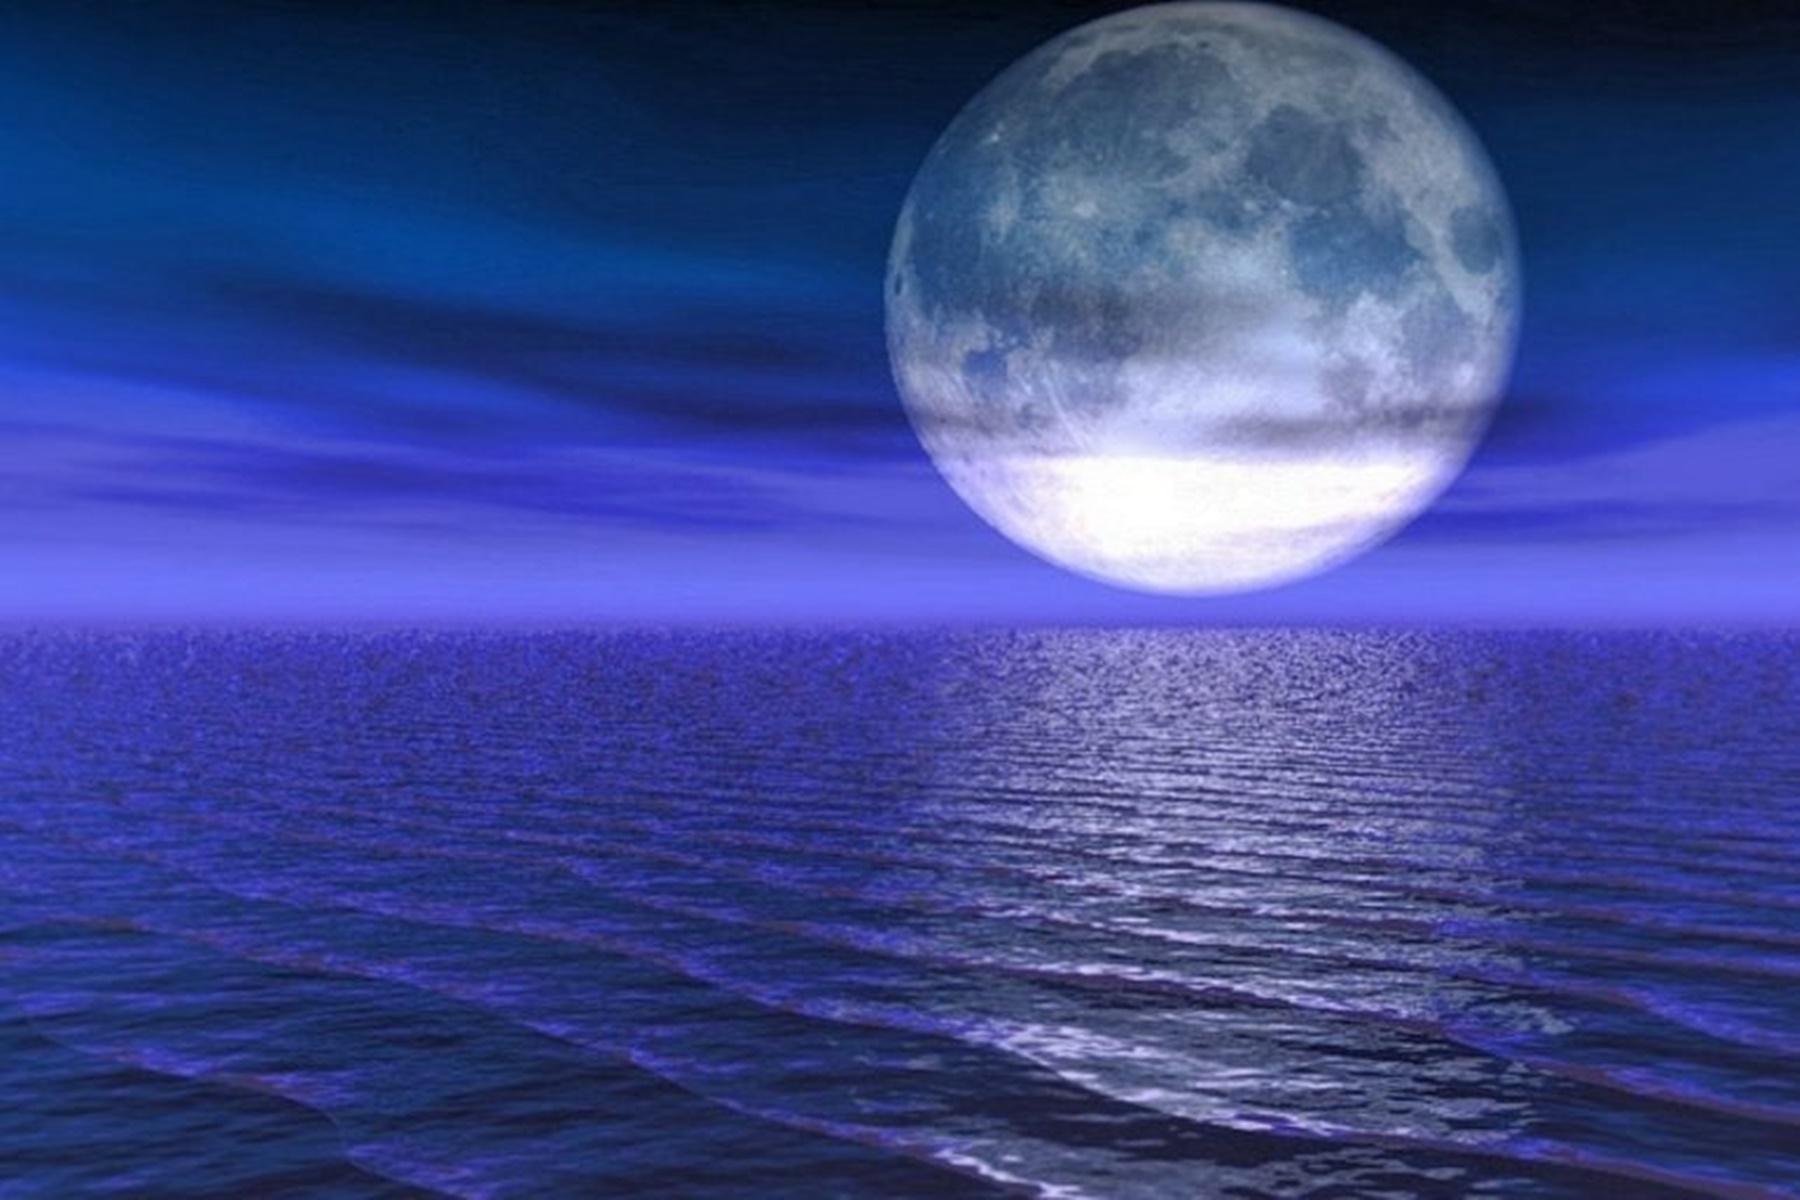 Διαλογισμός σελήνης : Μάθετε τι είναι και πως θα το επιτύχετε